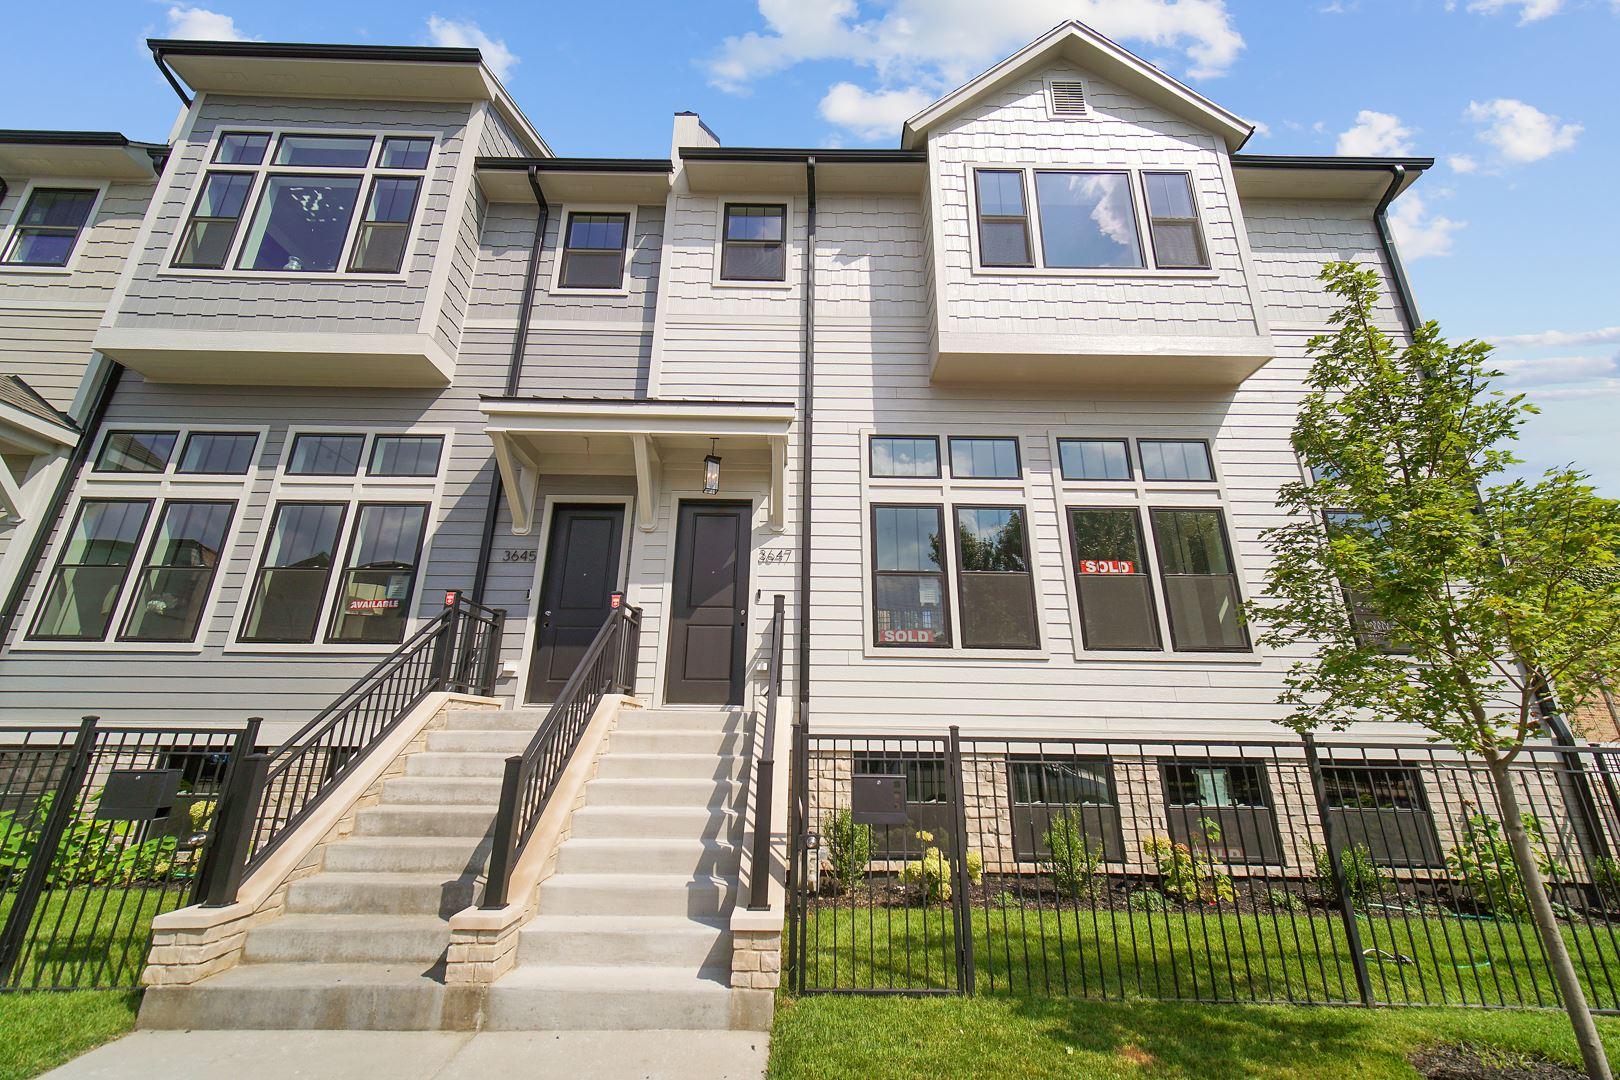 3645 S Calumet Avenue, Chicago, IL 60653 - #: 11242331